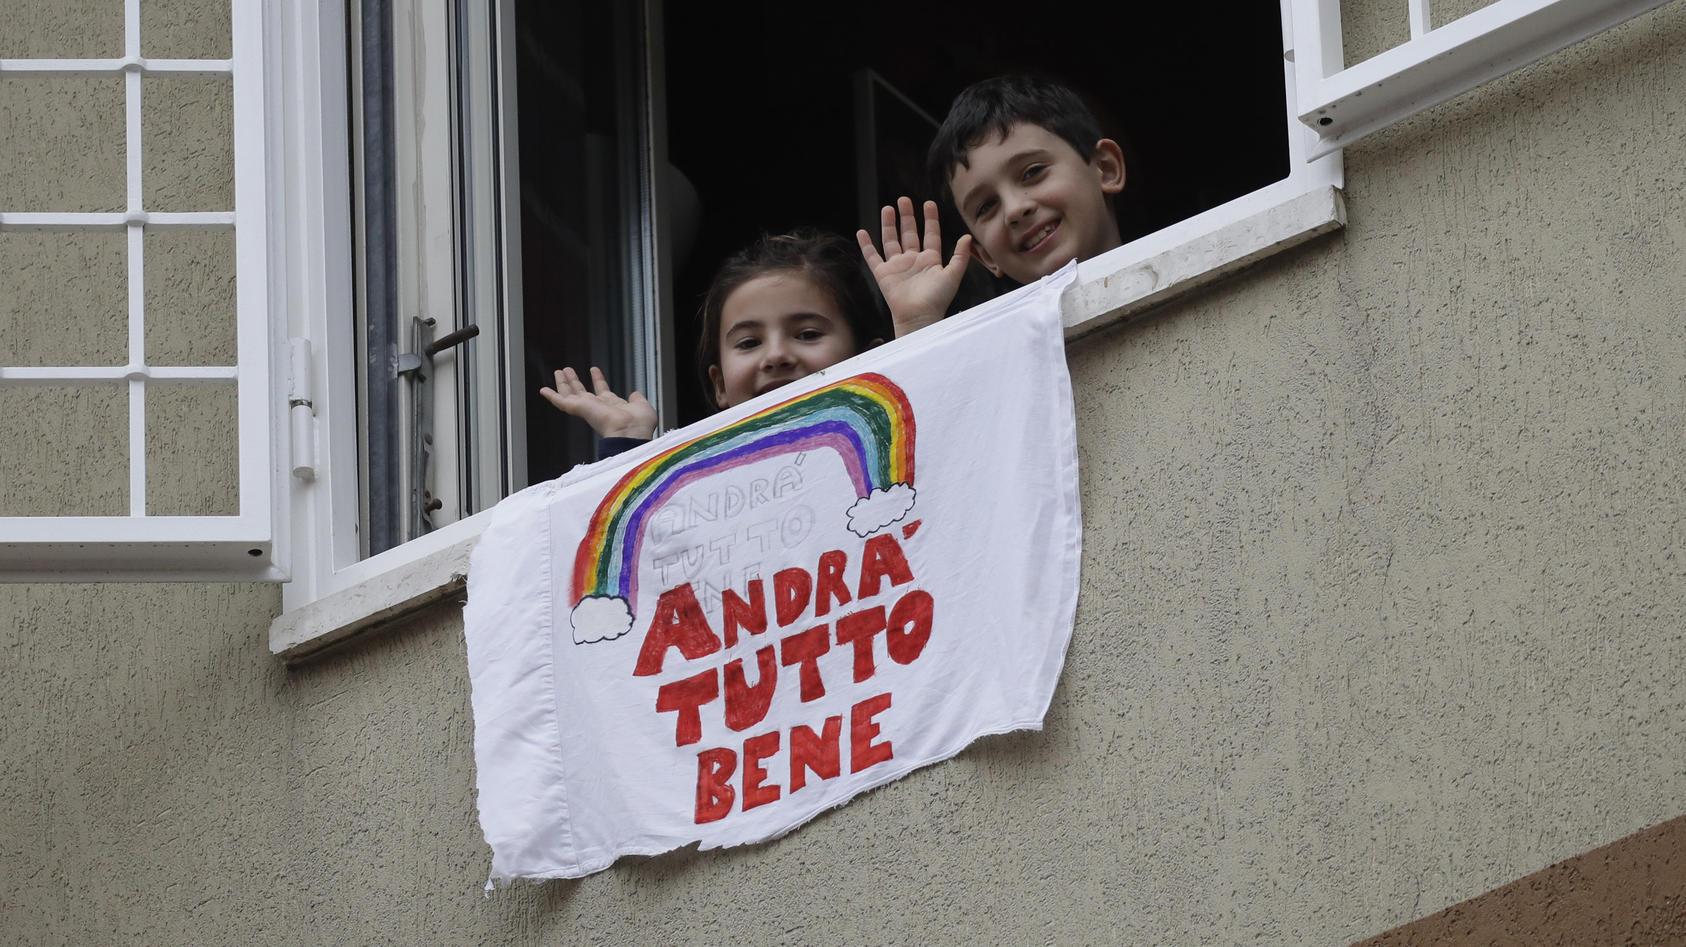 """""""Alles wird gut"""" steht auf diesem Banner, das Kinder in Italien aus dem Fenster hängen lassen."""